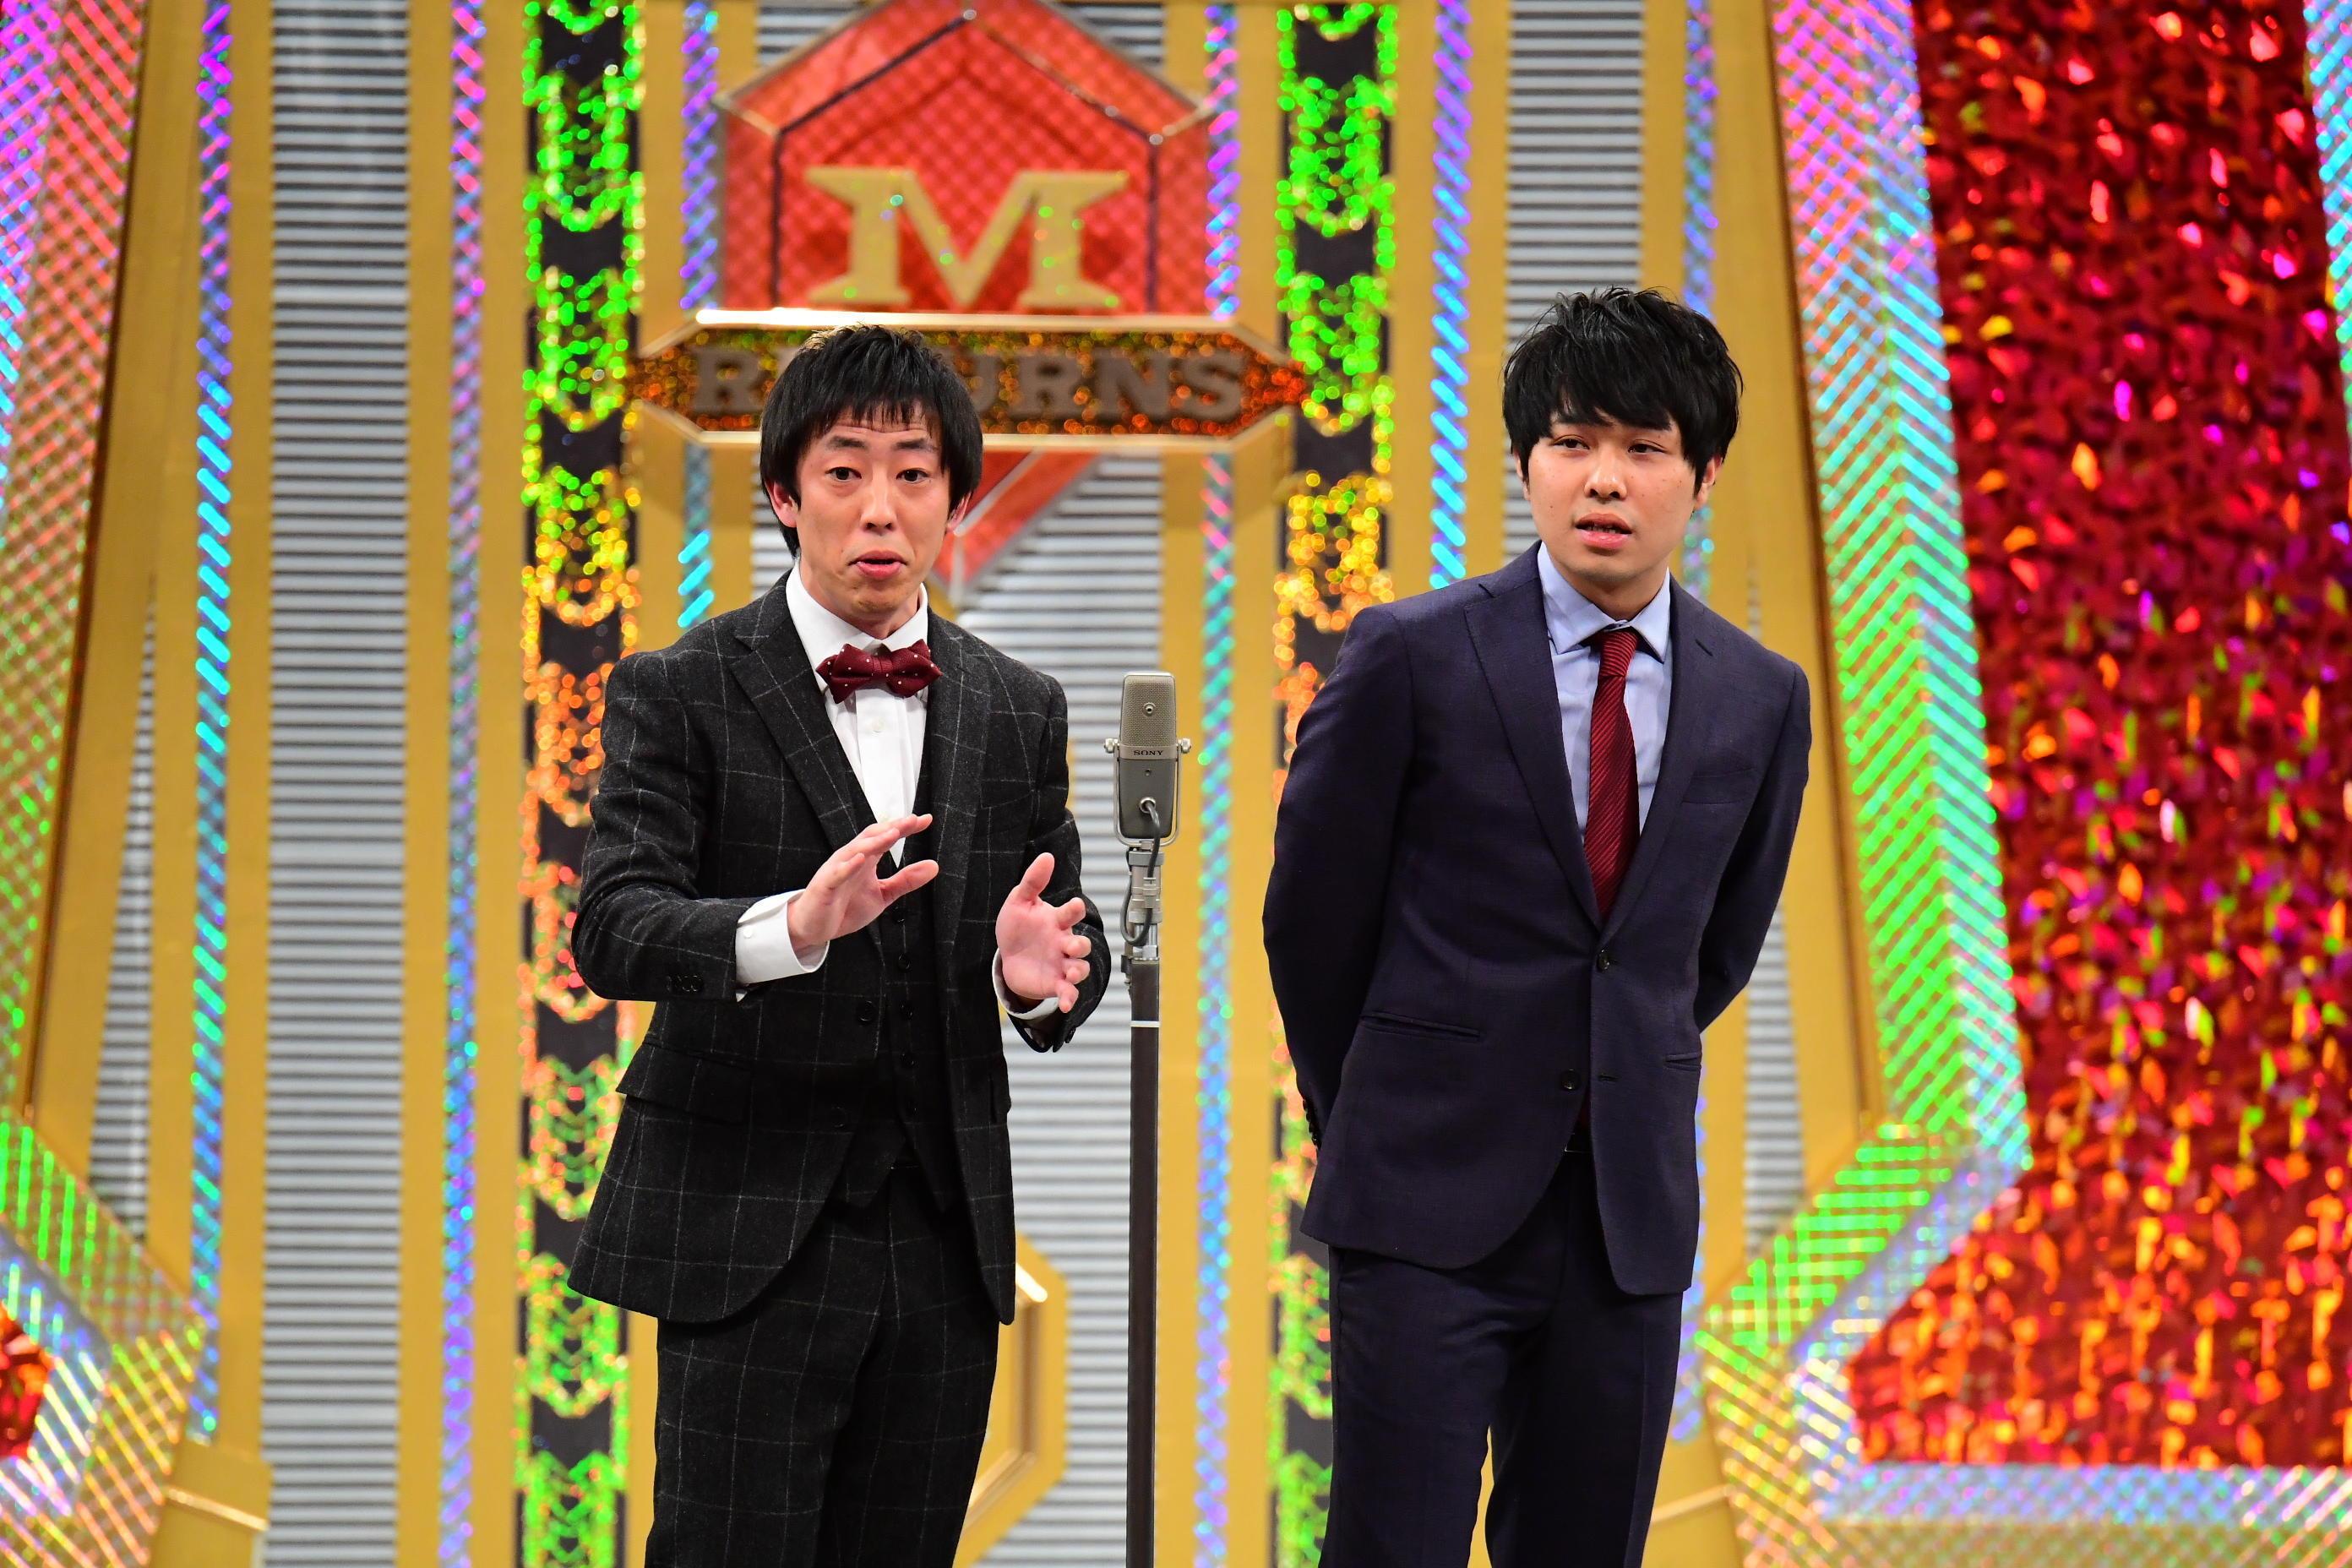 http://news.yoshimoto.co.jp/20170228155116-91f60304979c39e08b741f5d46370b6ab924d0ed.jpg